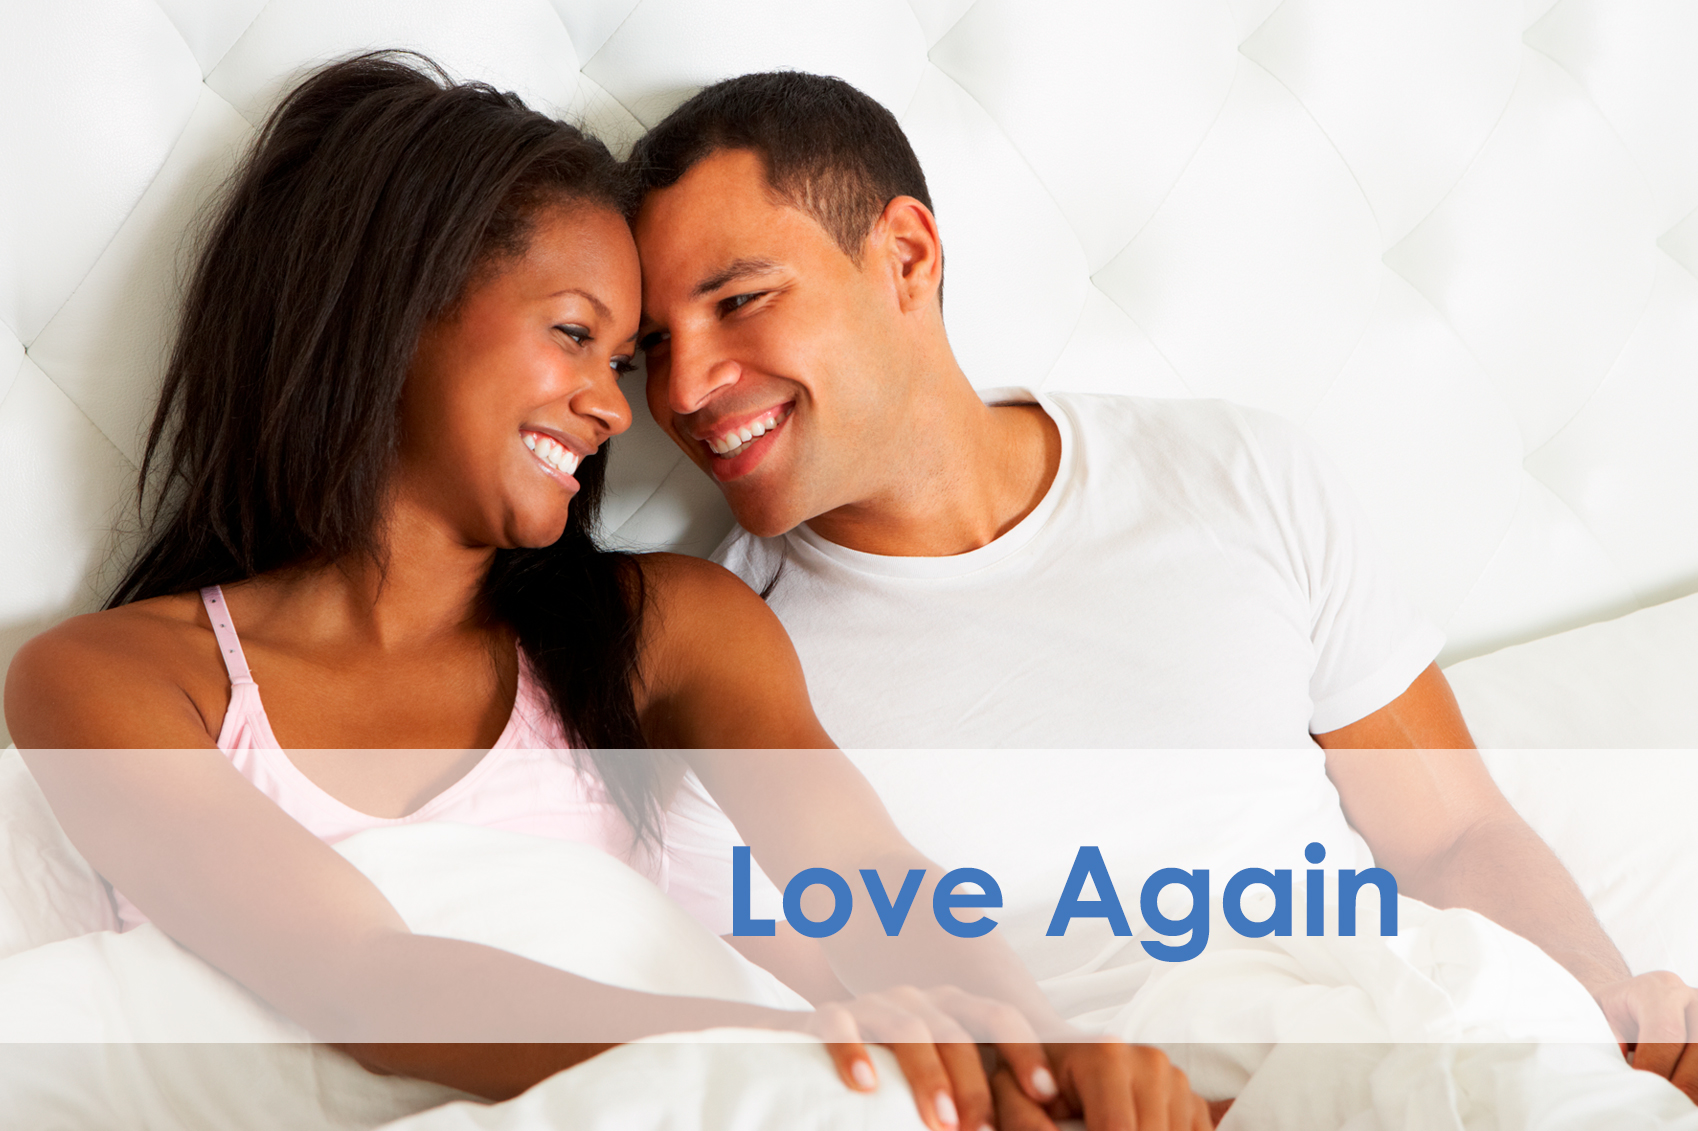 loving-again.jpg